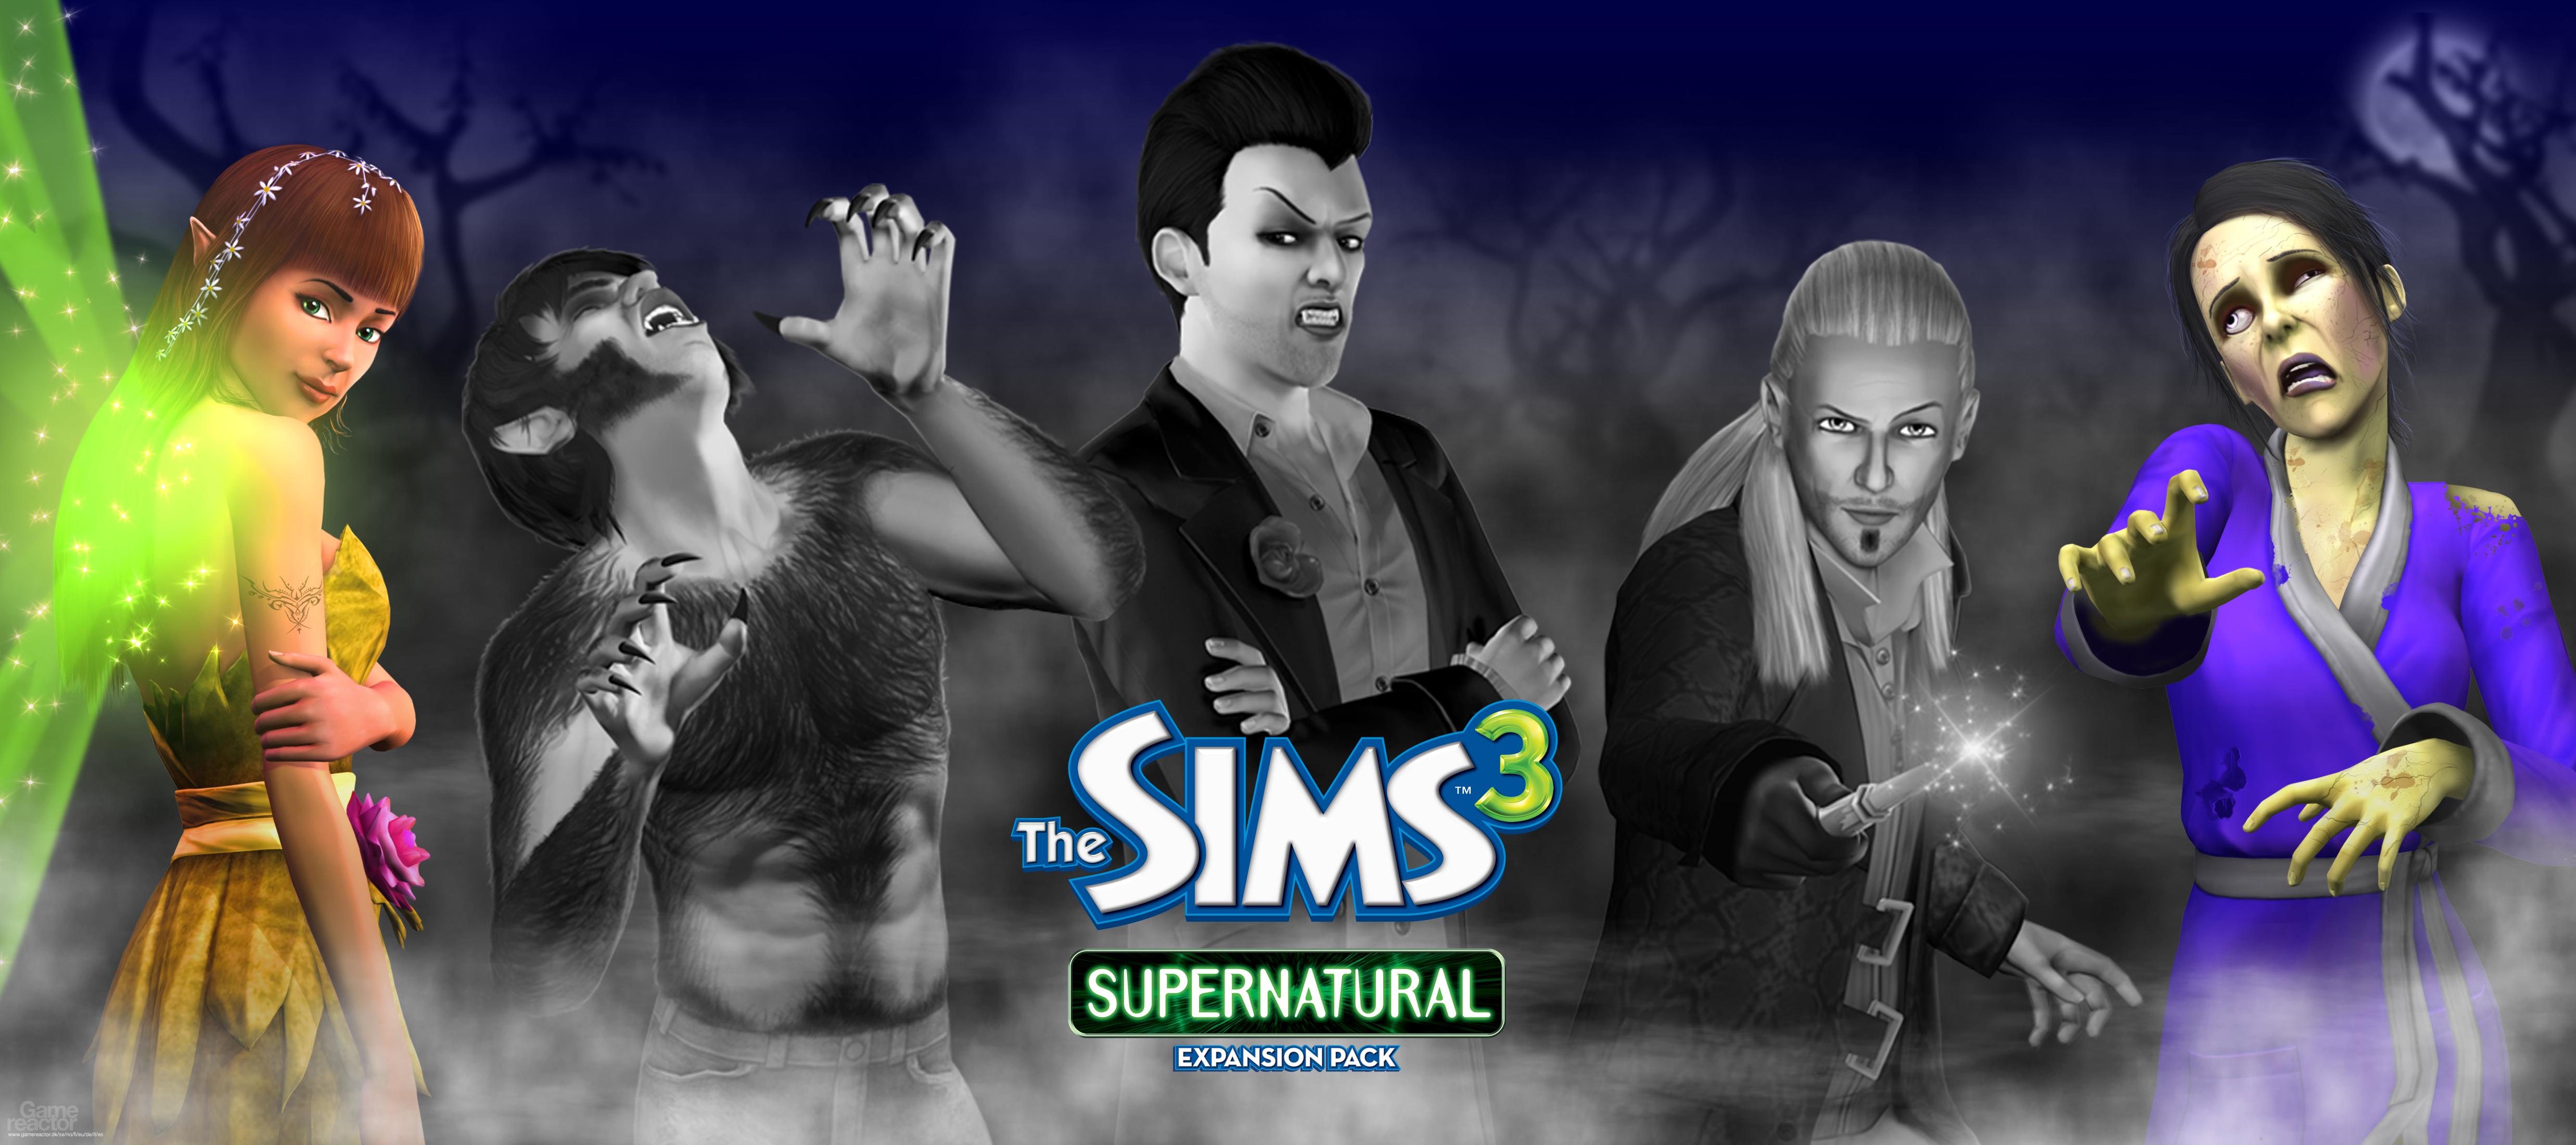 Sims 3 Supernatural - The Sims 3: Supernatural - Gamereactor